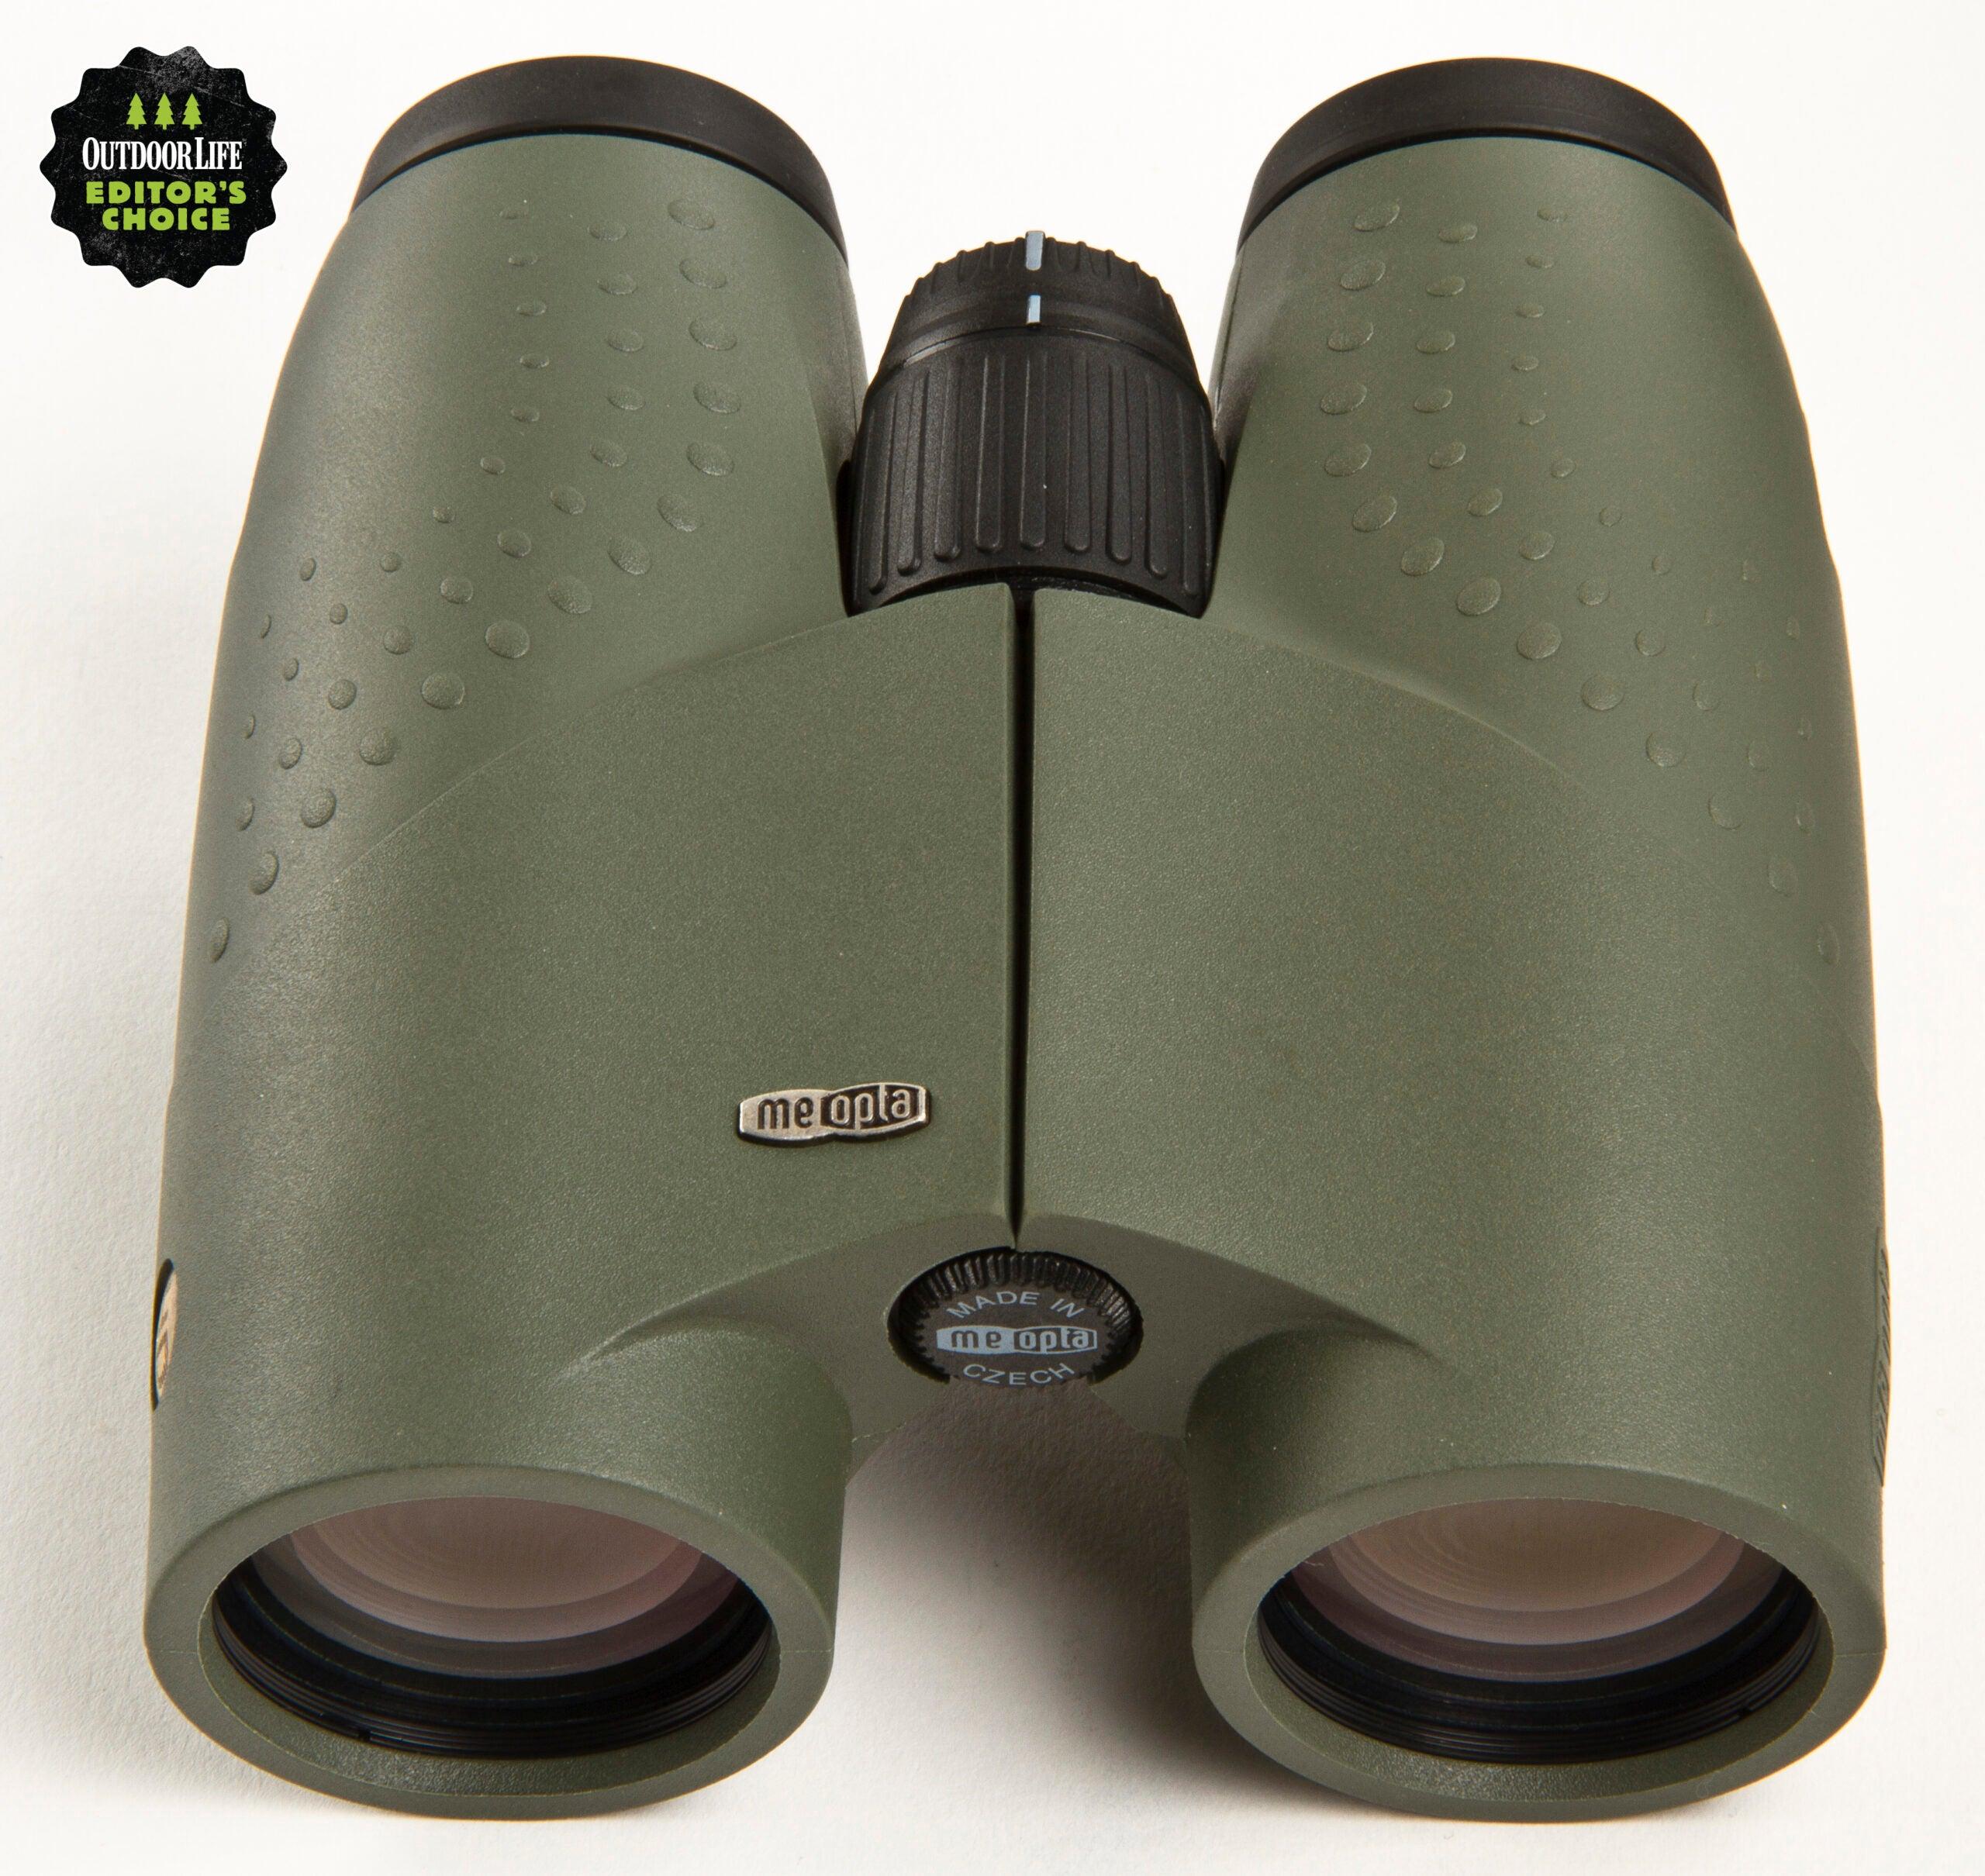 Optics Review: OL Ranks the Best New Full-Size Binoculars for 2012